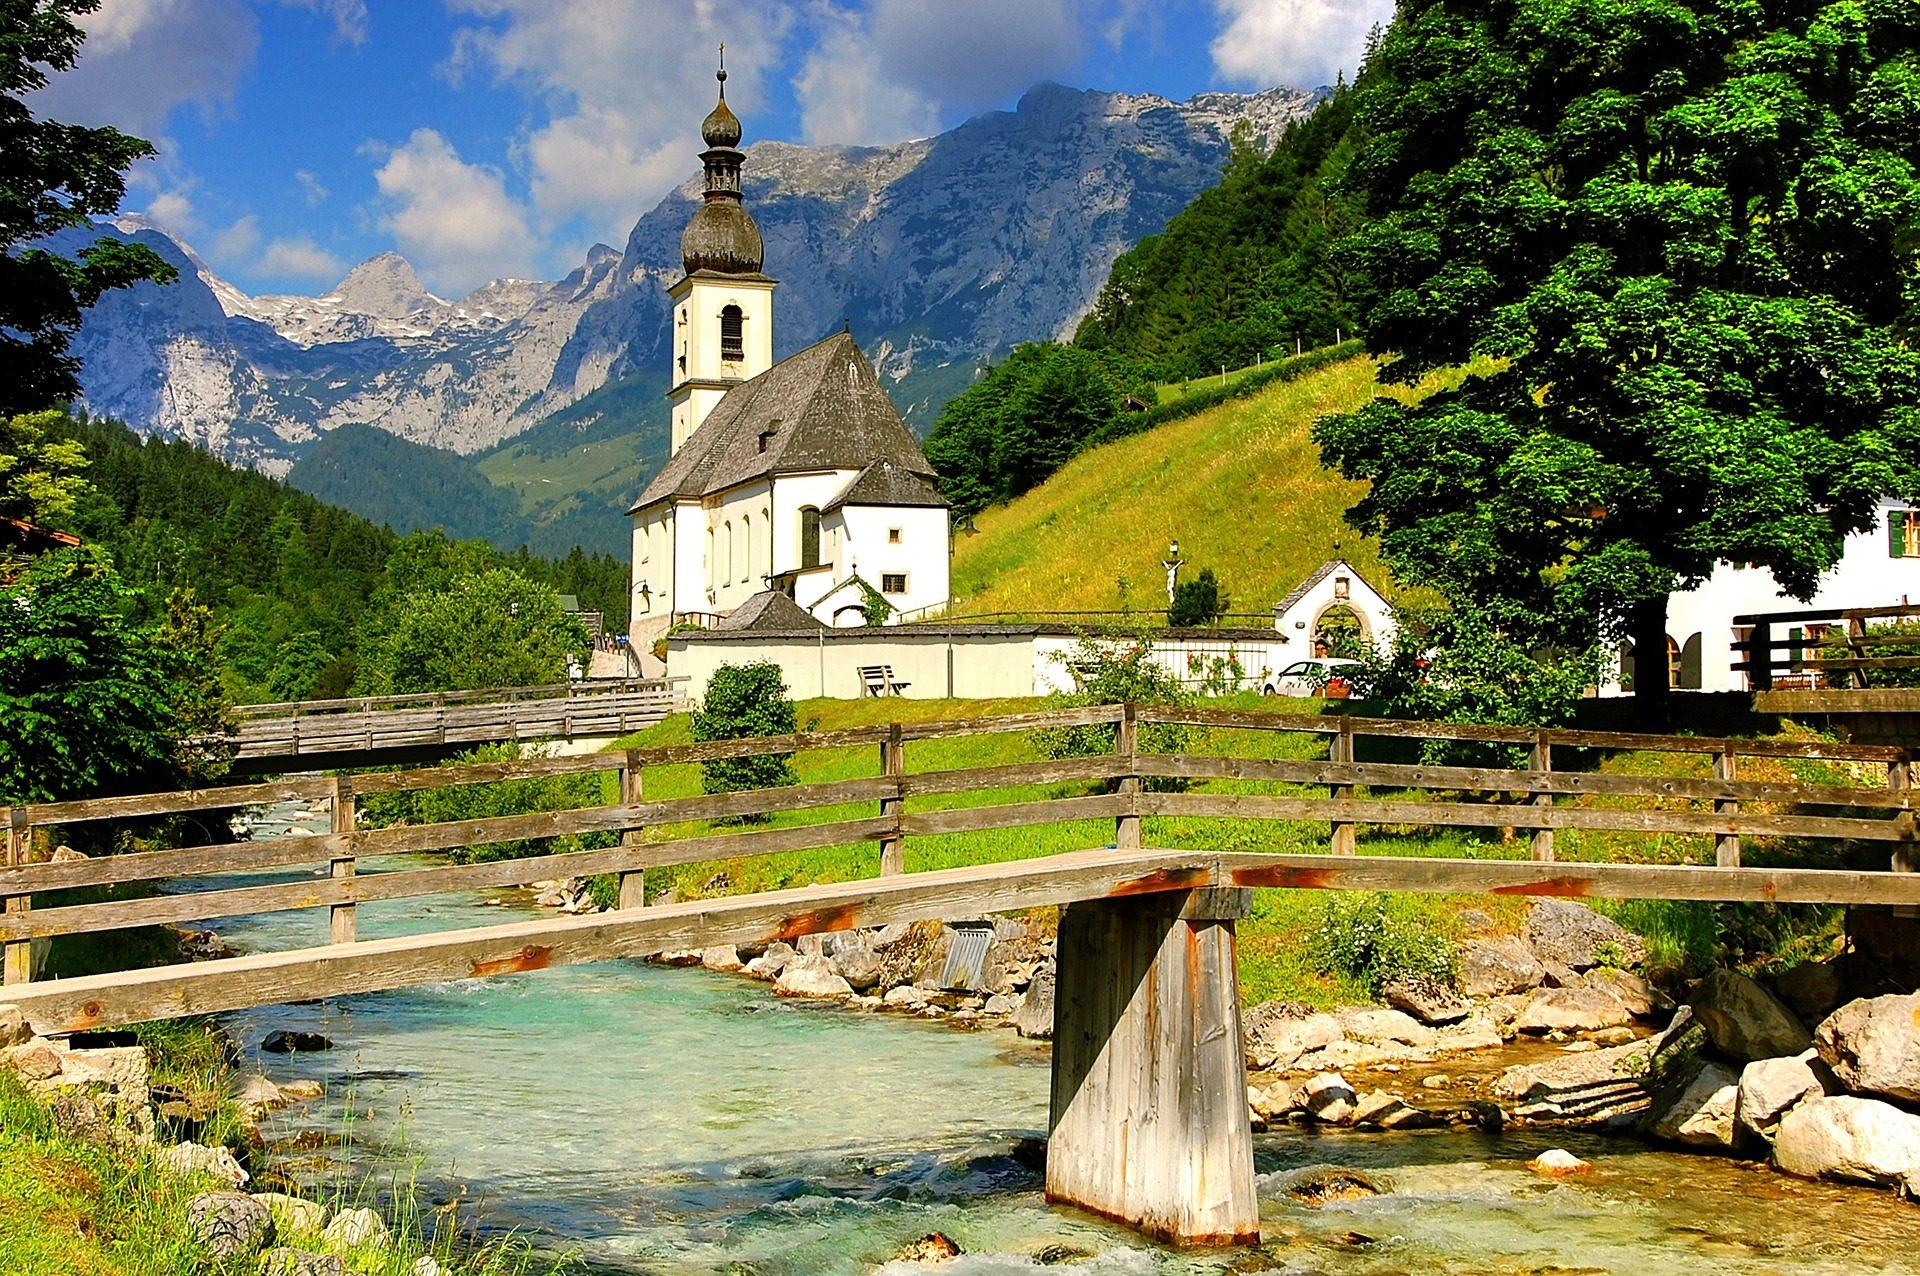 Chiesa, costruzione, pendio di collina, Montañas, Ponte, Fiume, Alpi - Sfondi HD - Professor-falken.com